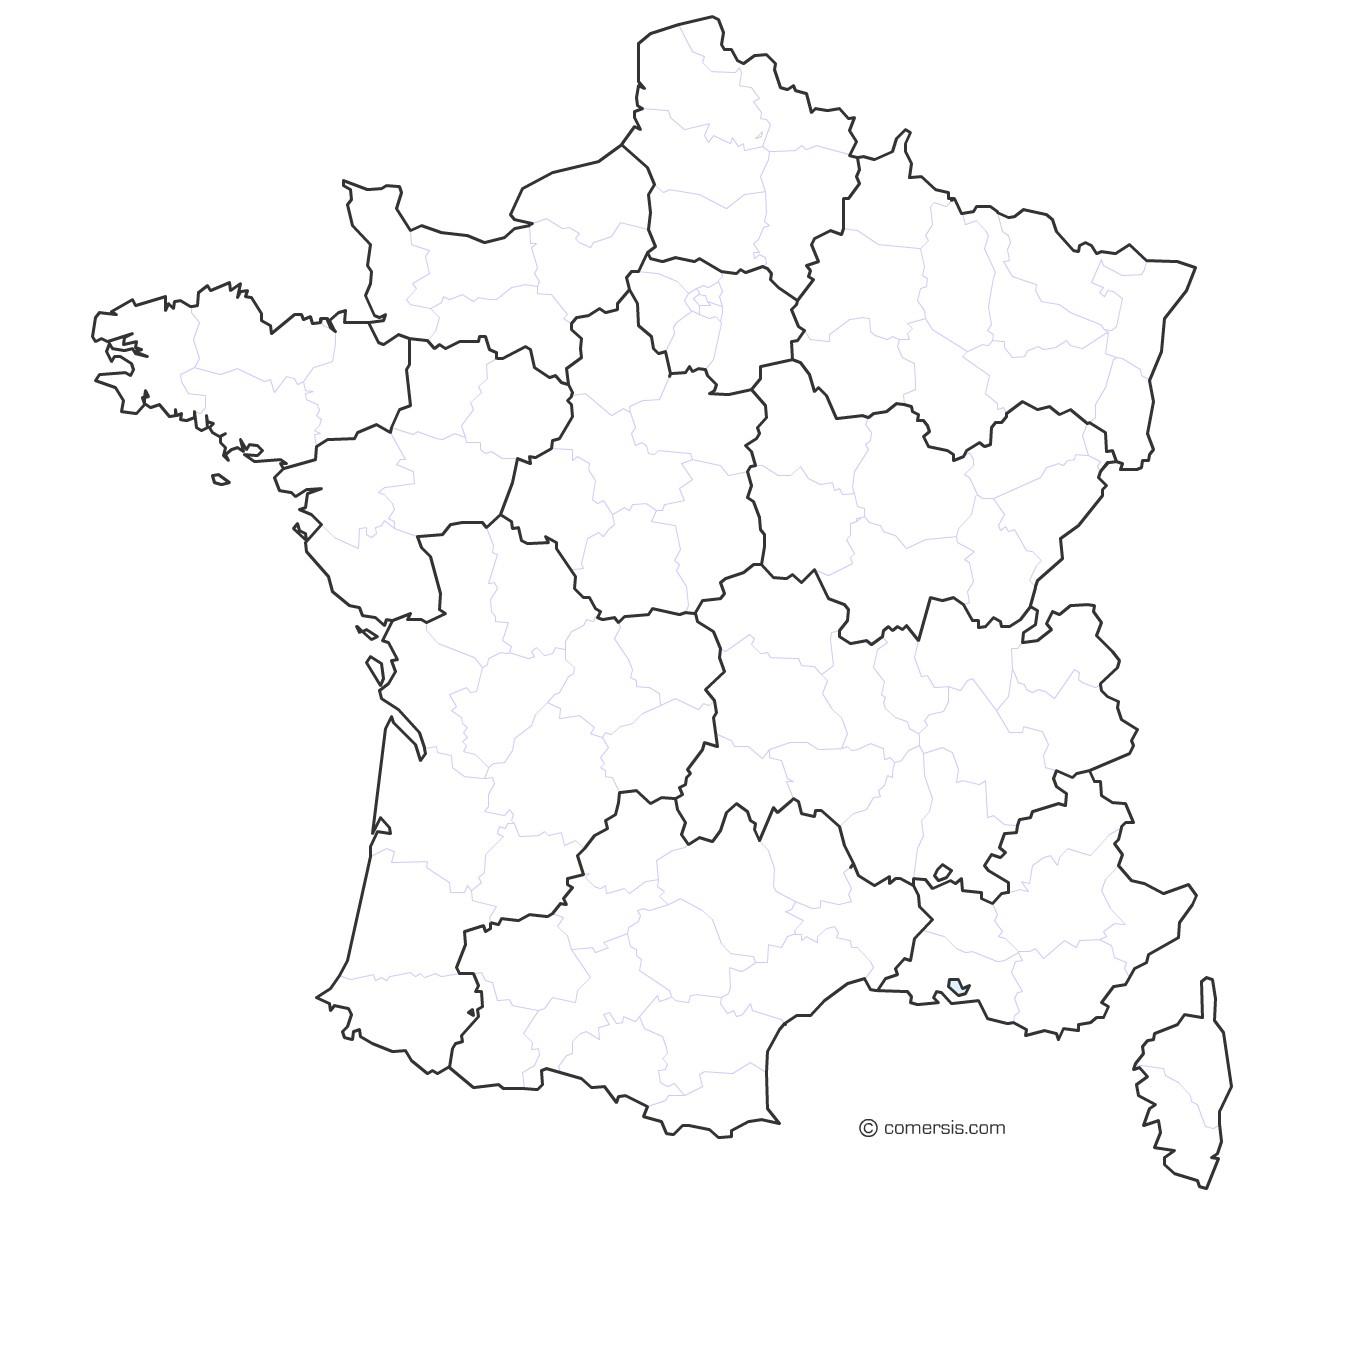 204E Carte France Region   Wiring Library à Carte De France Région Vierge